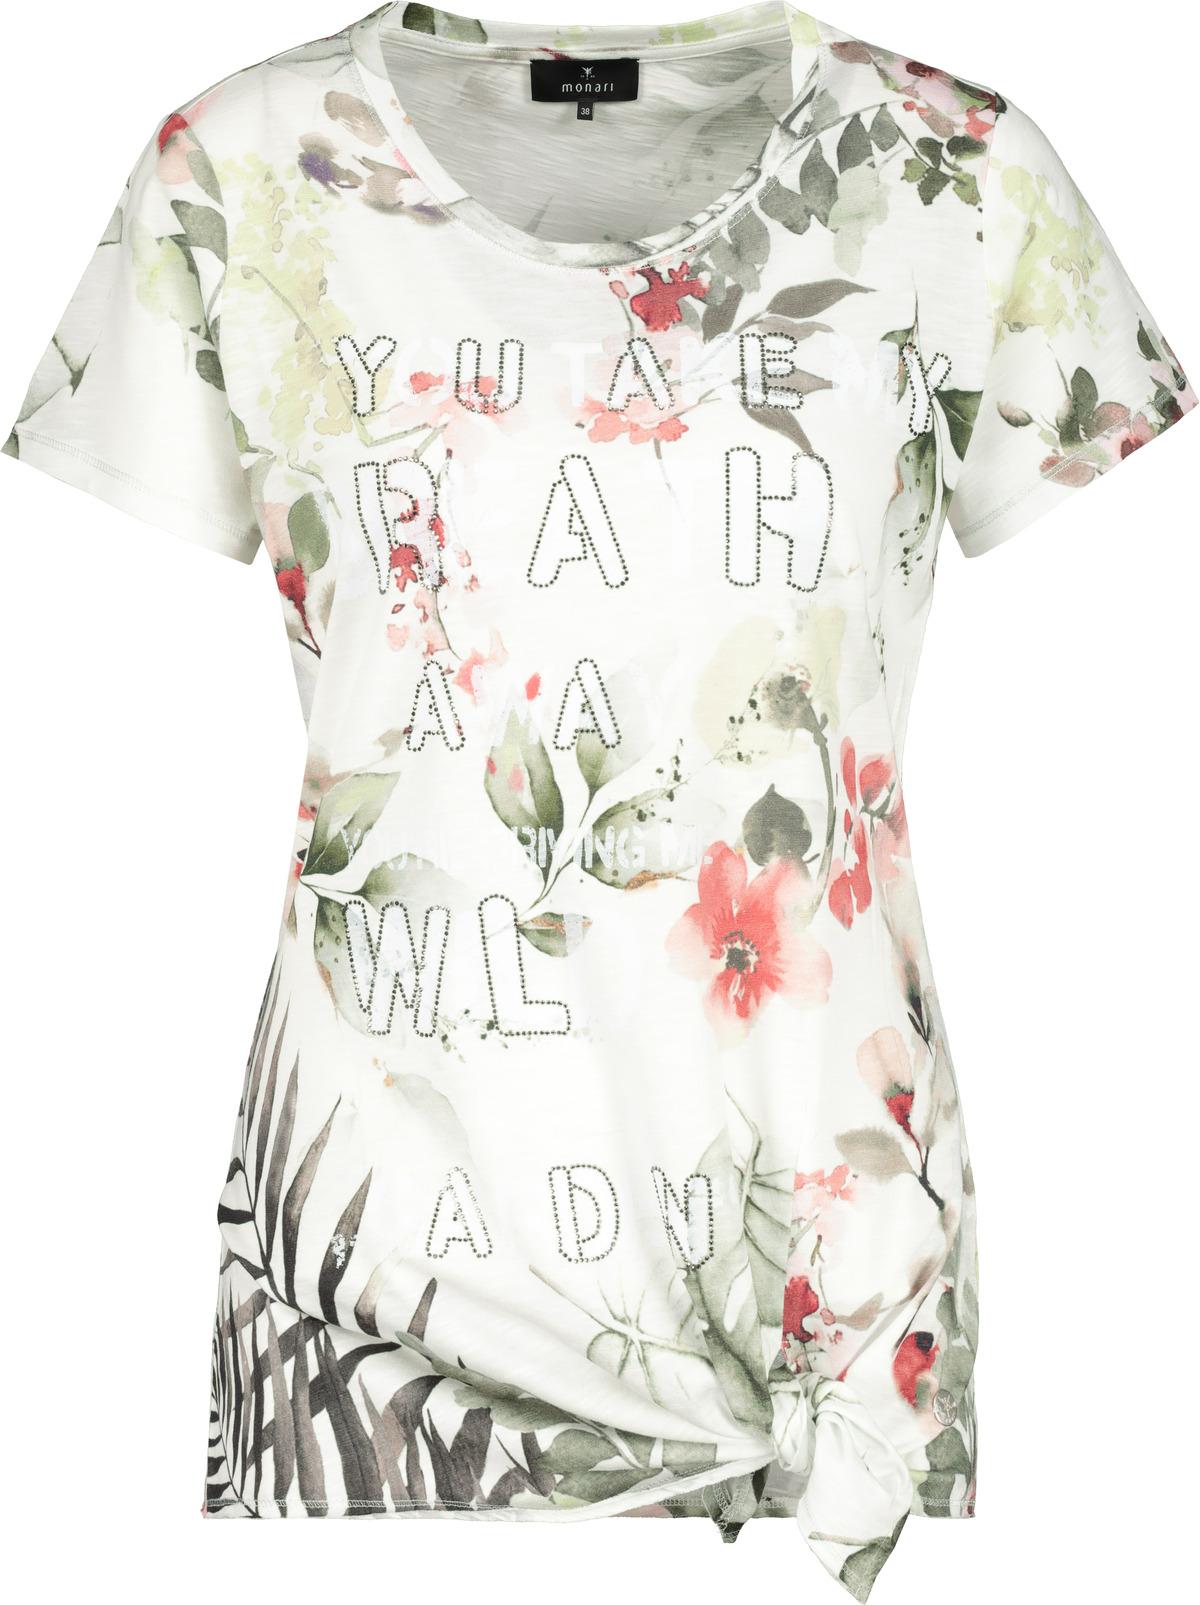 Monari kurzarm Shirt floral gemustert mit Aufschrift